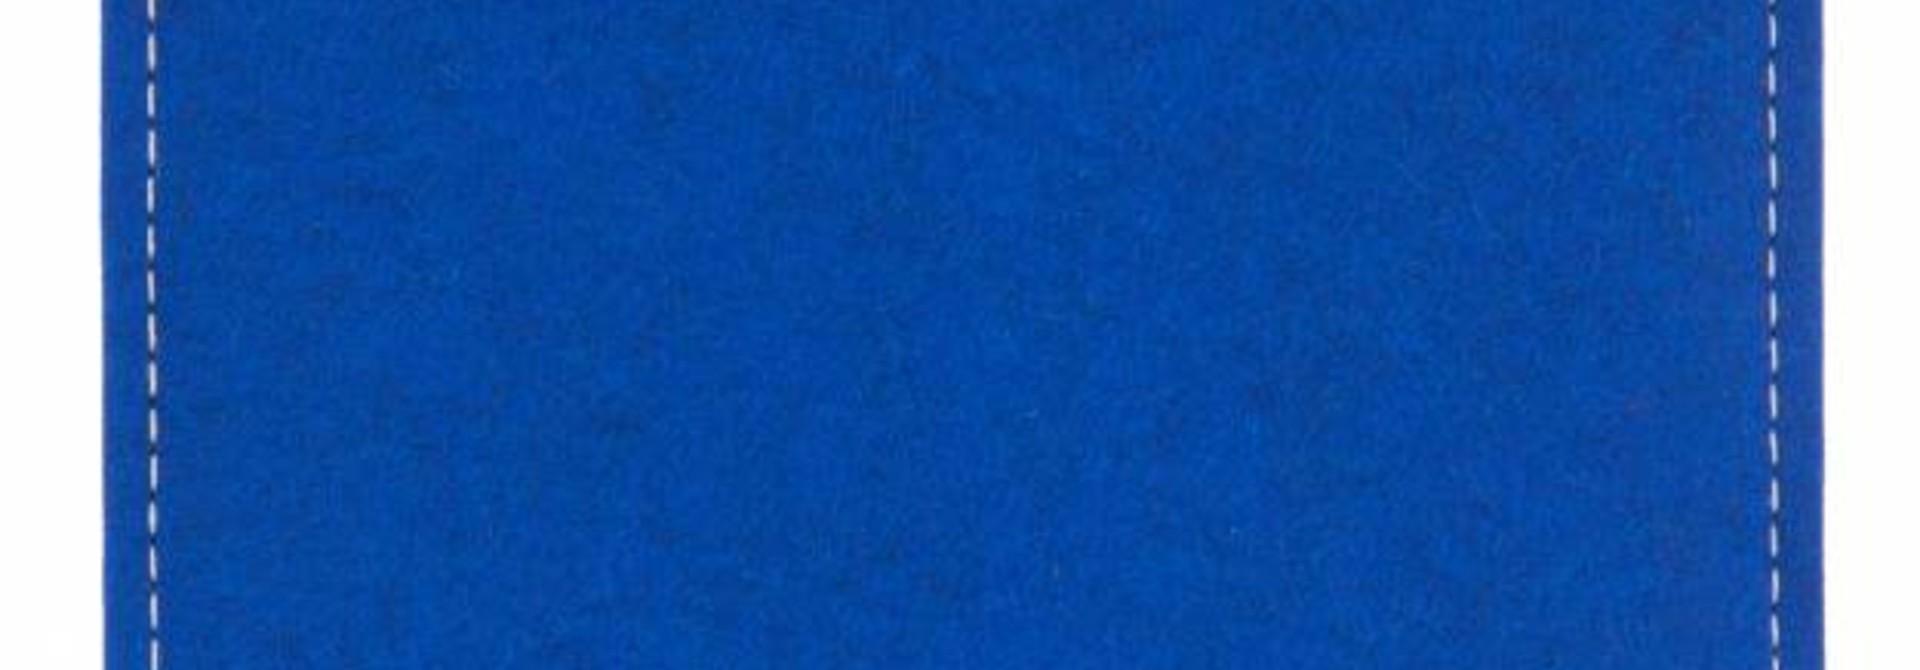 Surface Sleeve Azure